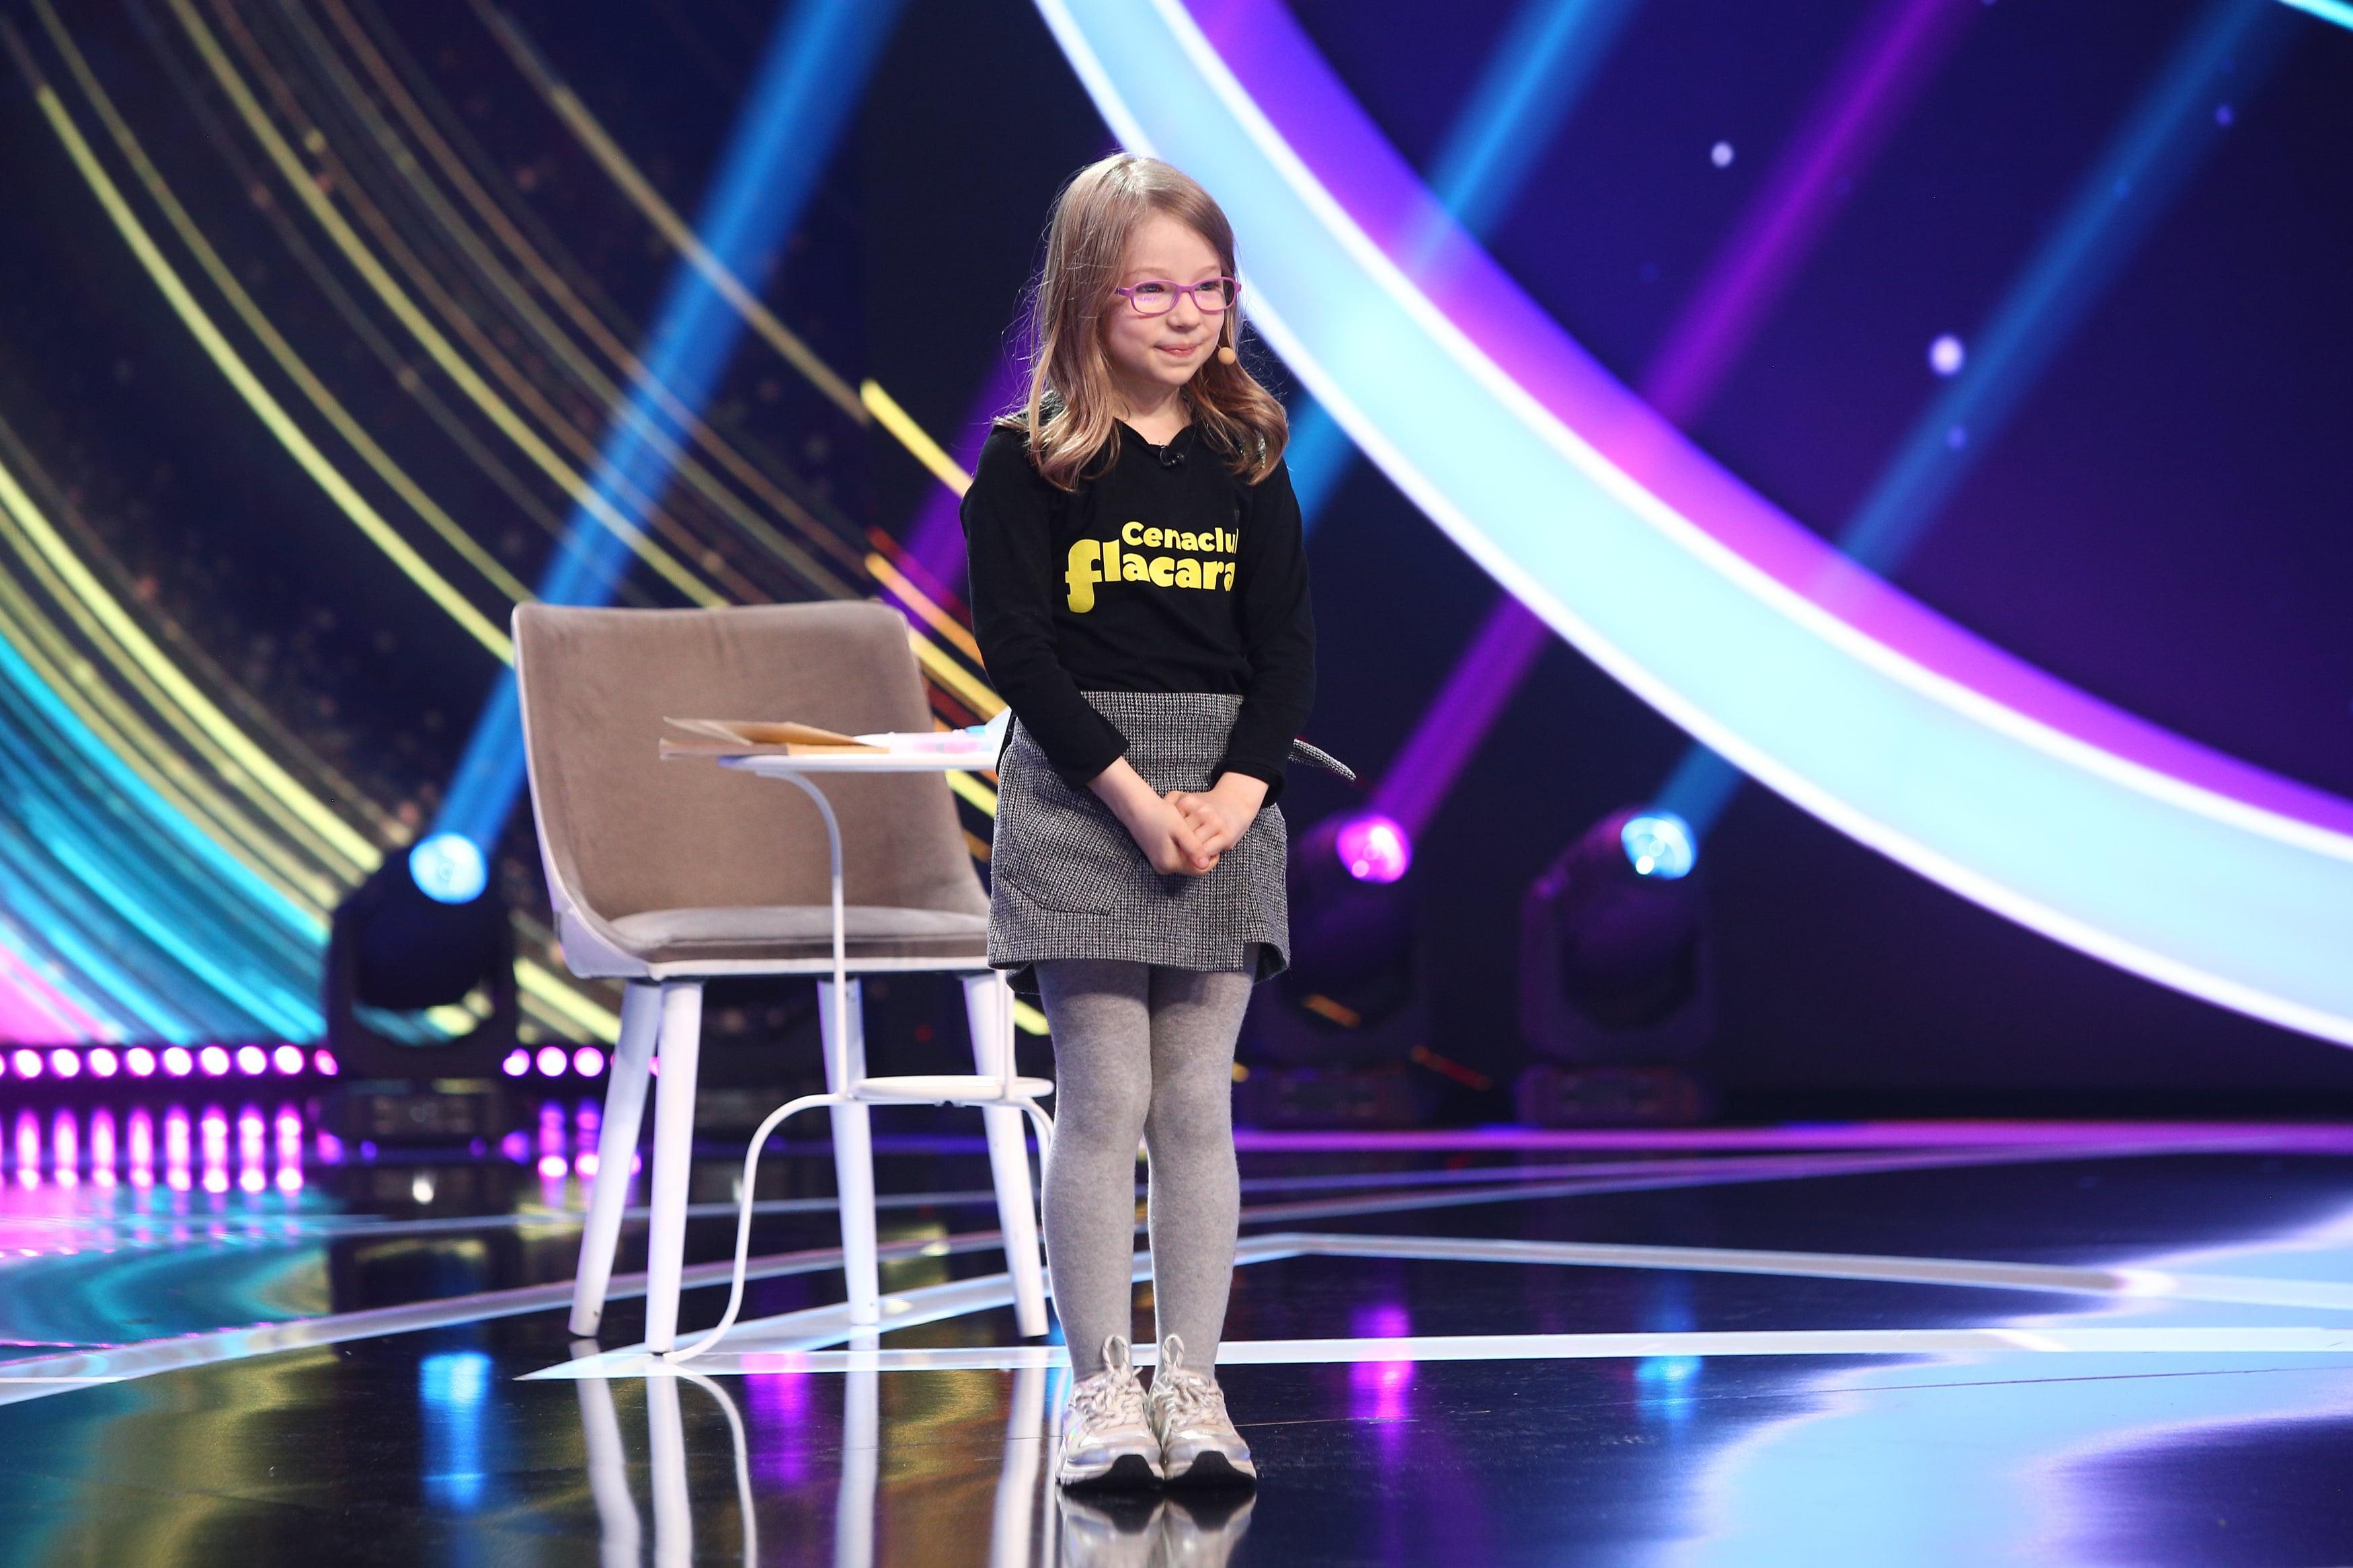 Next Star, 10 iulie 2021. Adriana Maria Păunescu, nepoata lui Adrian Păunescu, și-a cântat poezia compusă de ea la doar șase ani